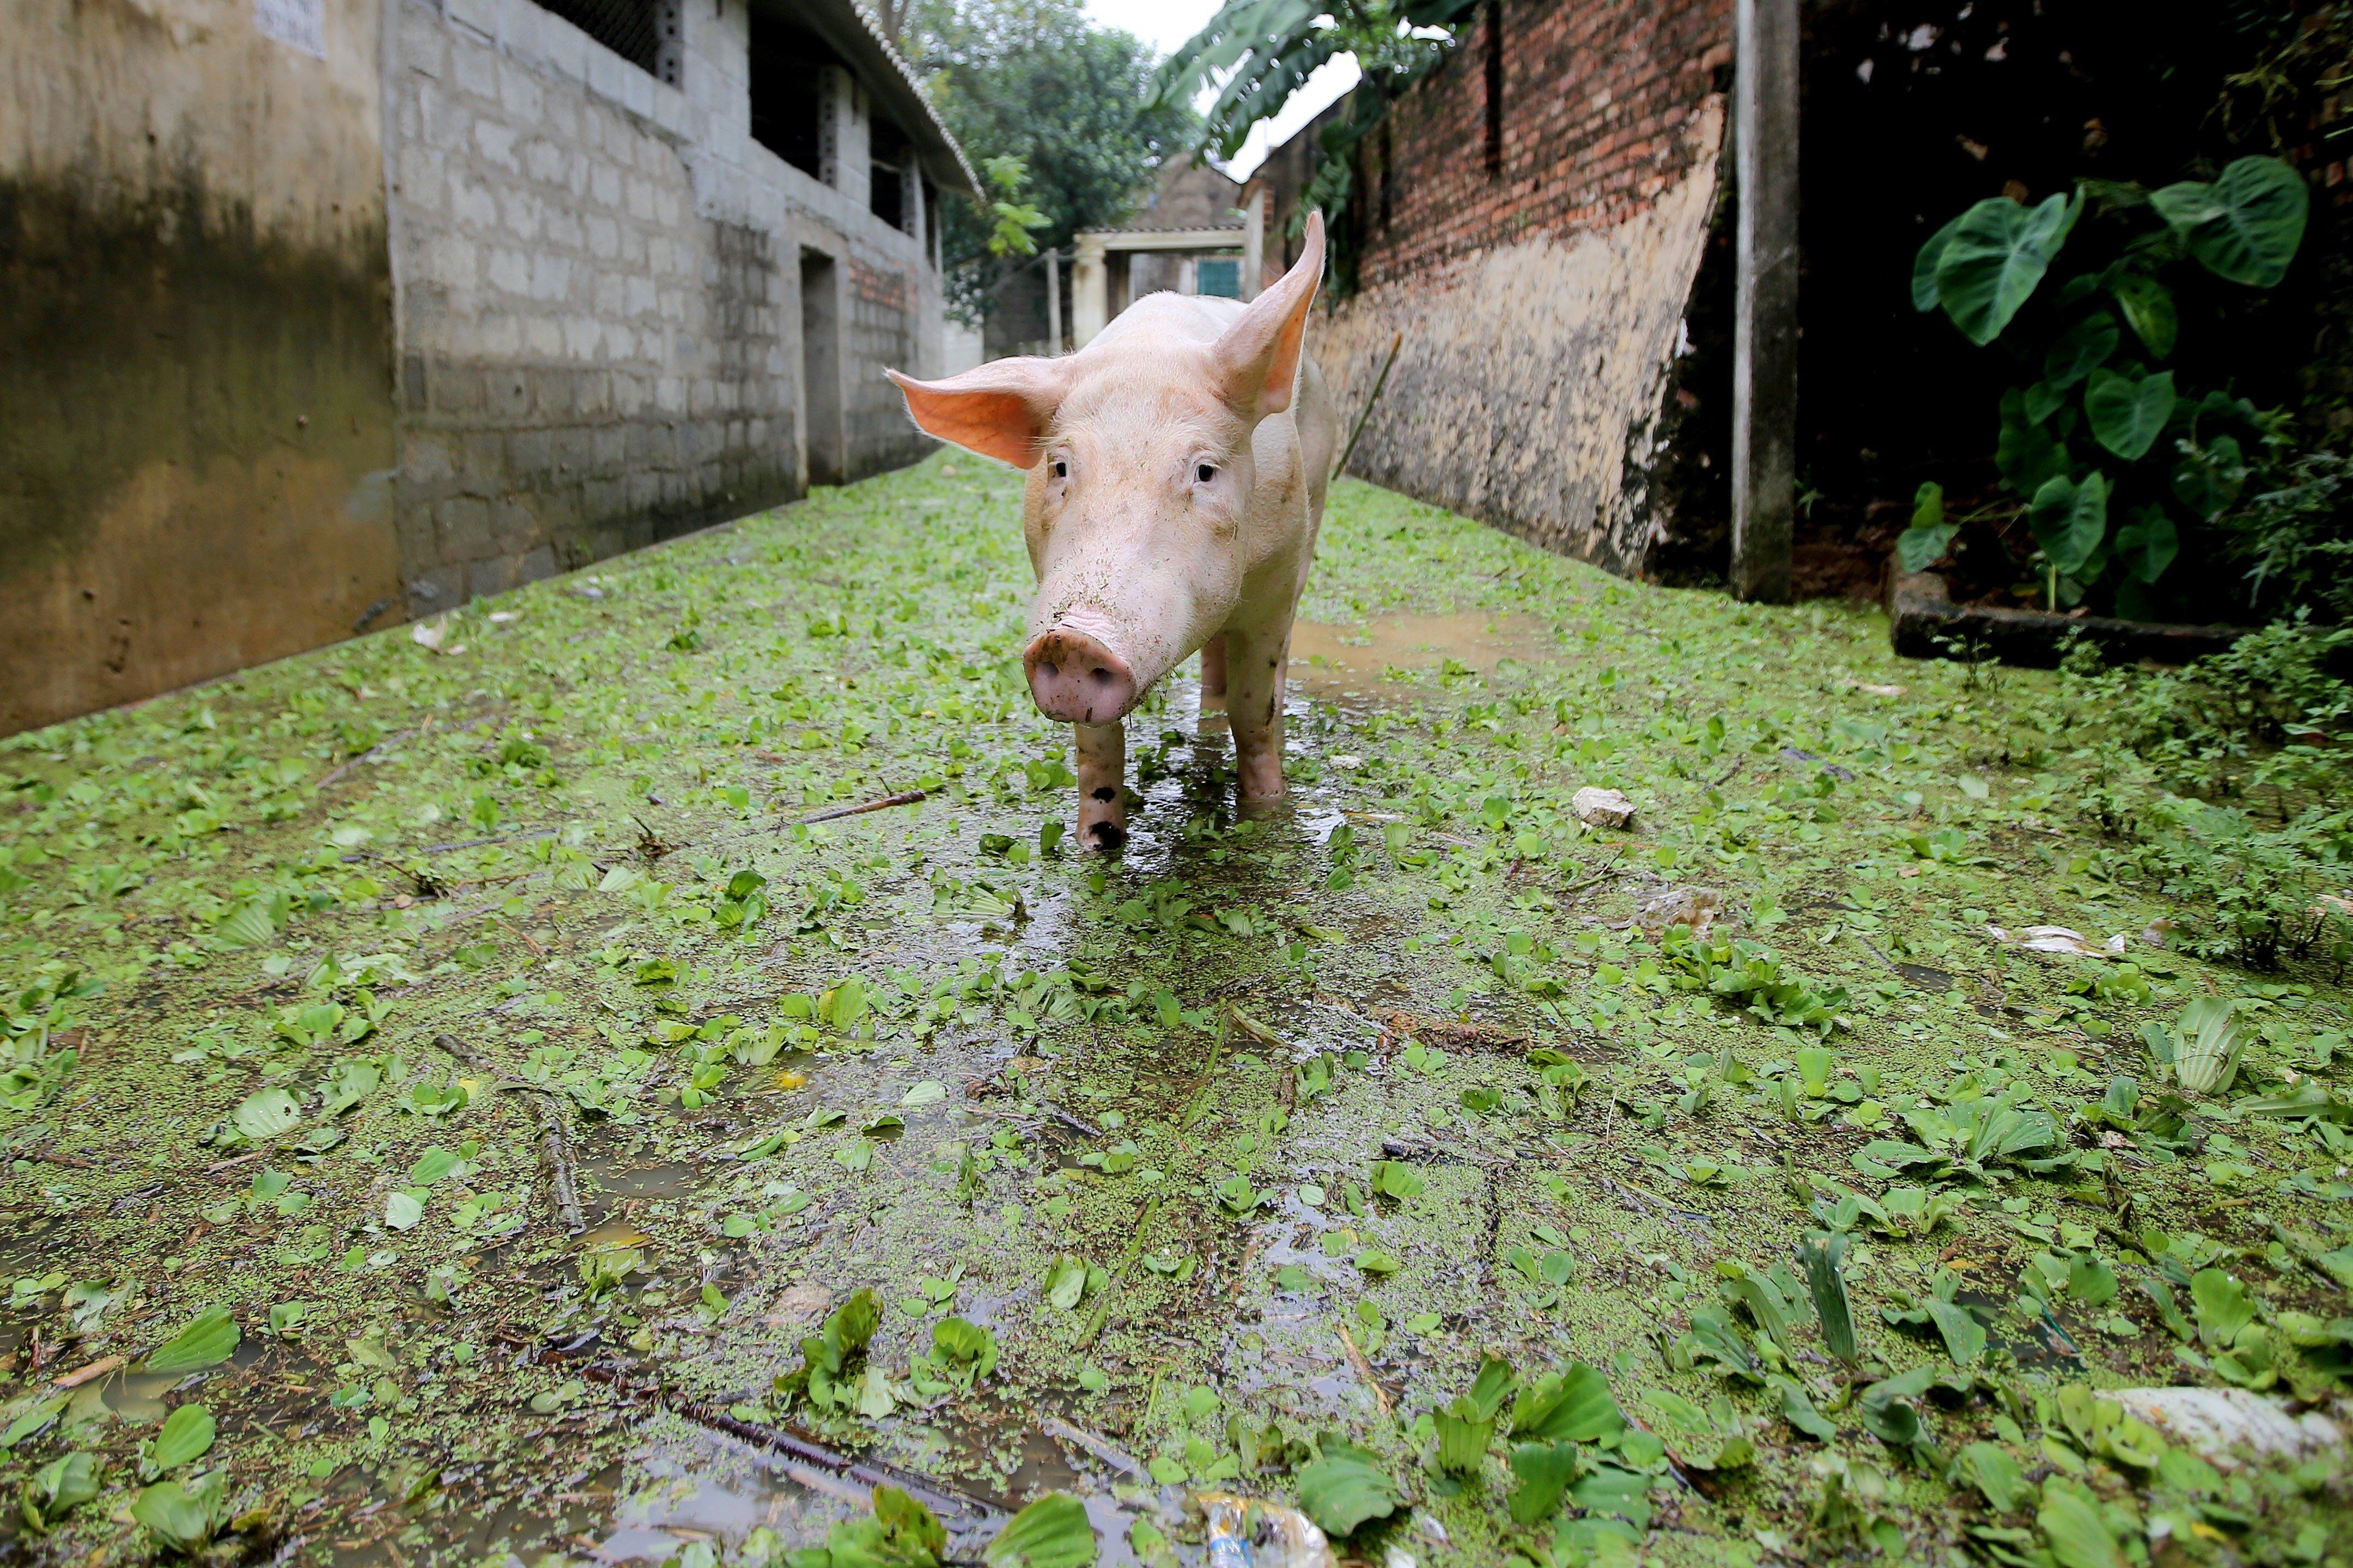 Un porc cerca menjar en un carreró inundat de Vietnam. /LUONG THAI LINH